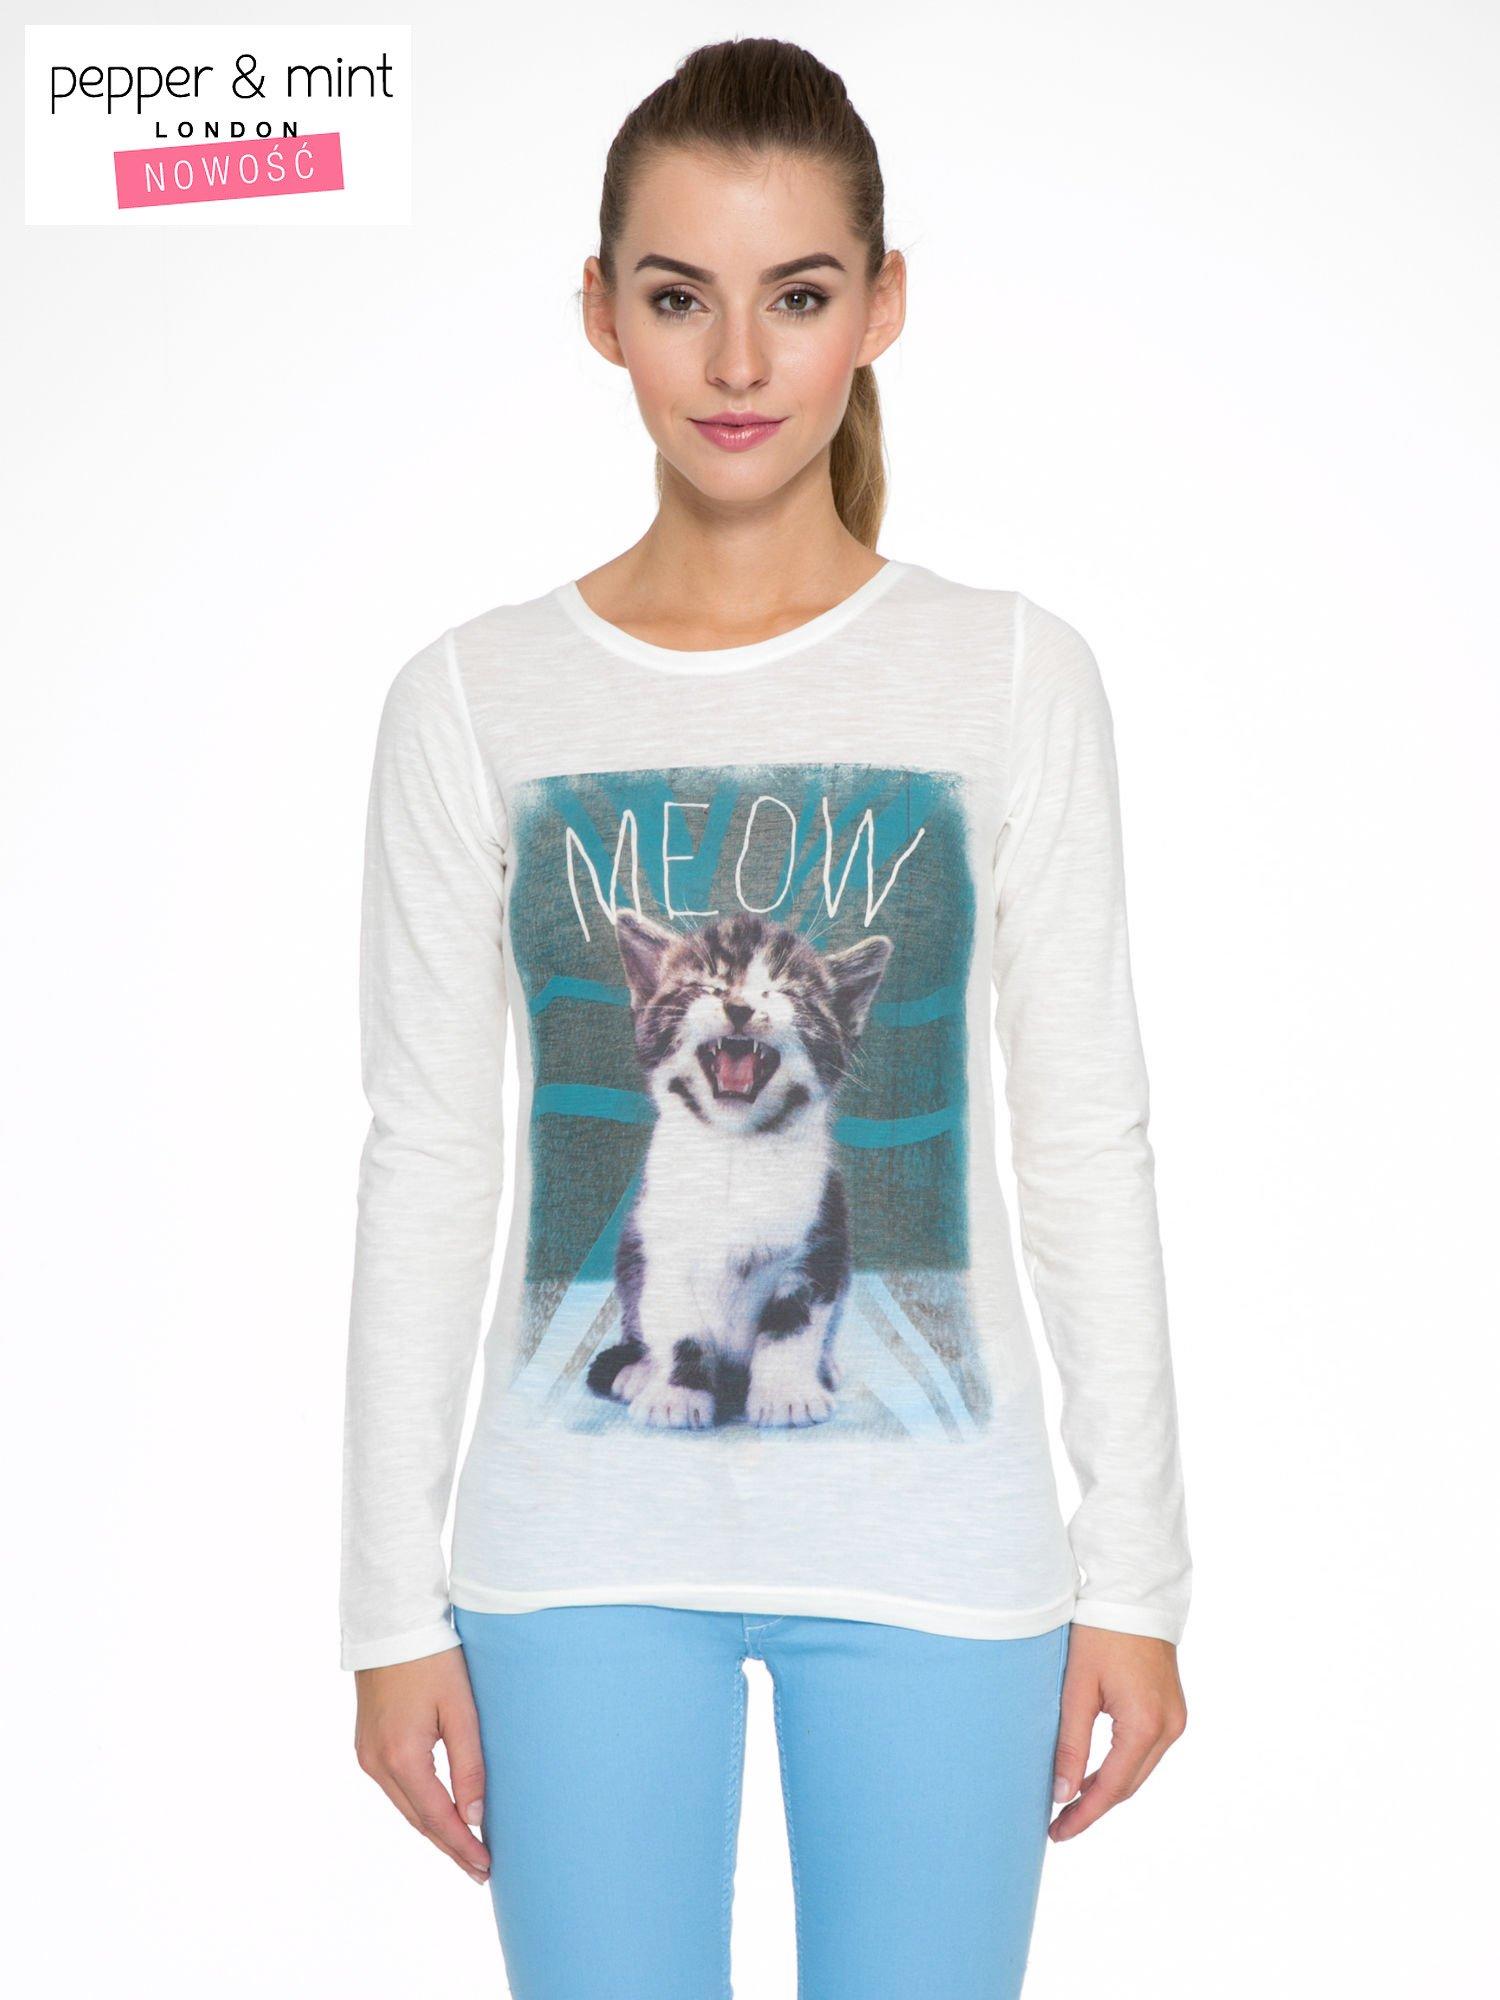 Ecru bluzka z nadrukiem kotka i napisem MEOW                                  zdj.                                  1